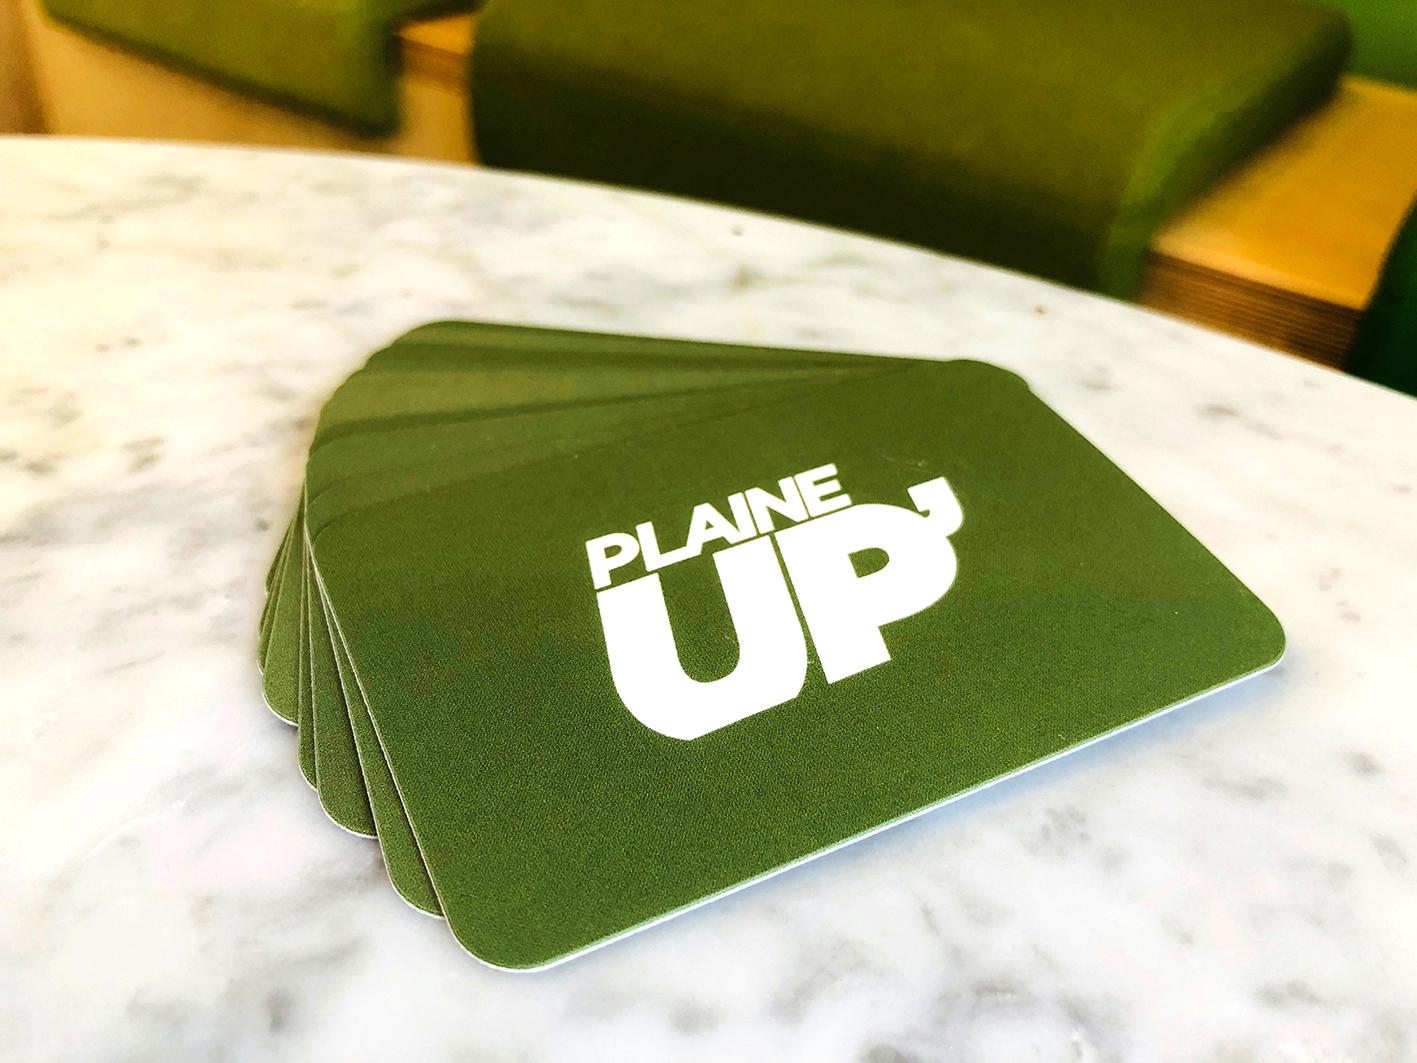 Plaine Up_cartes